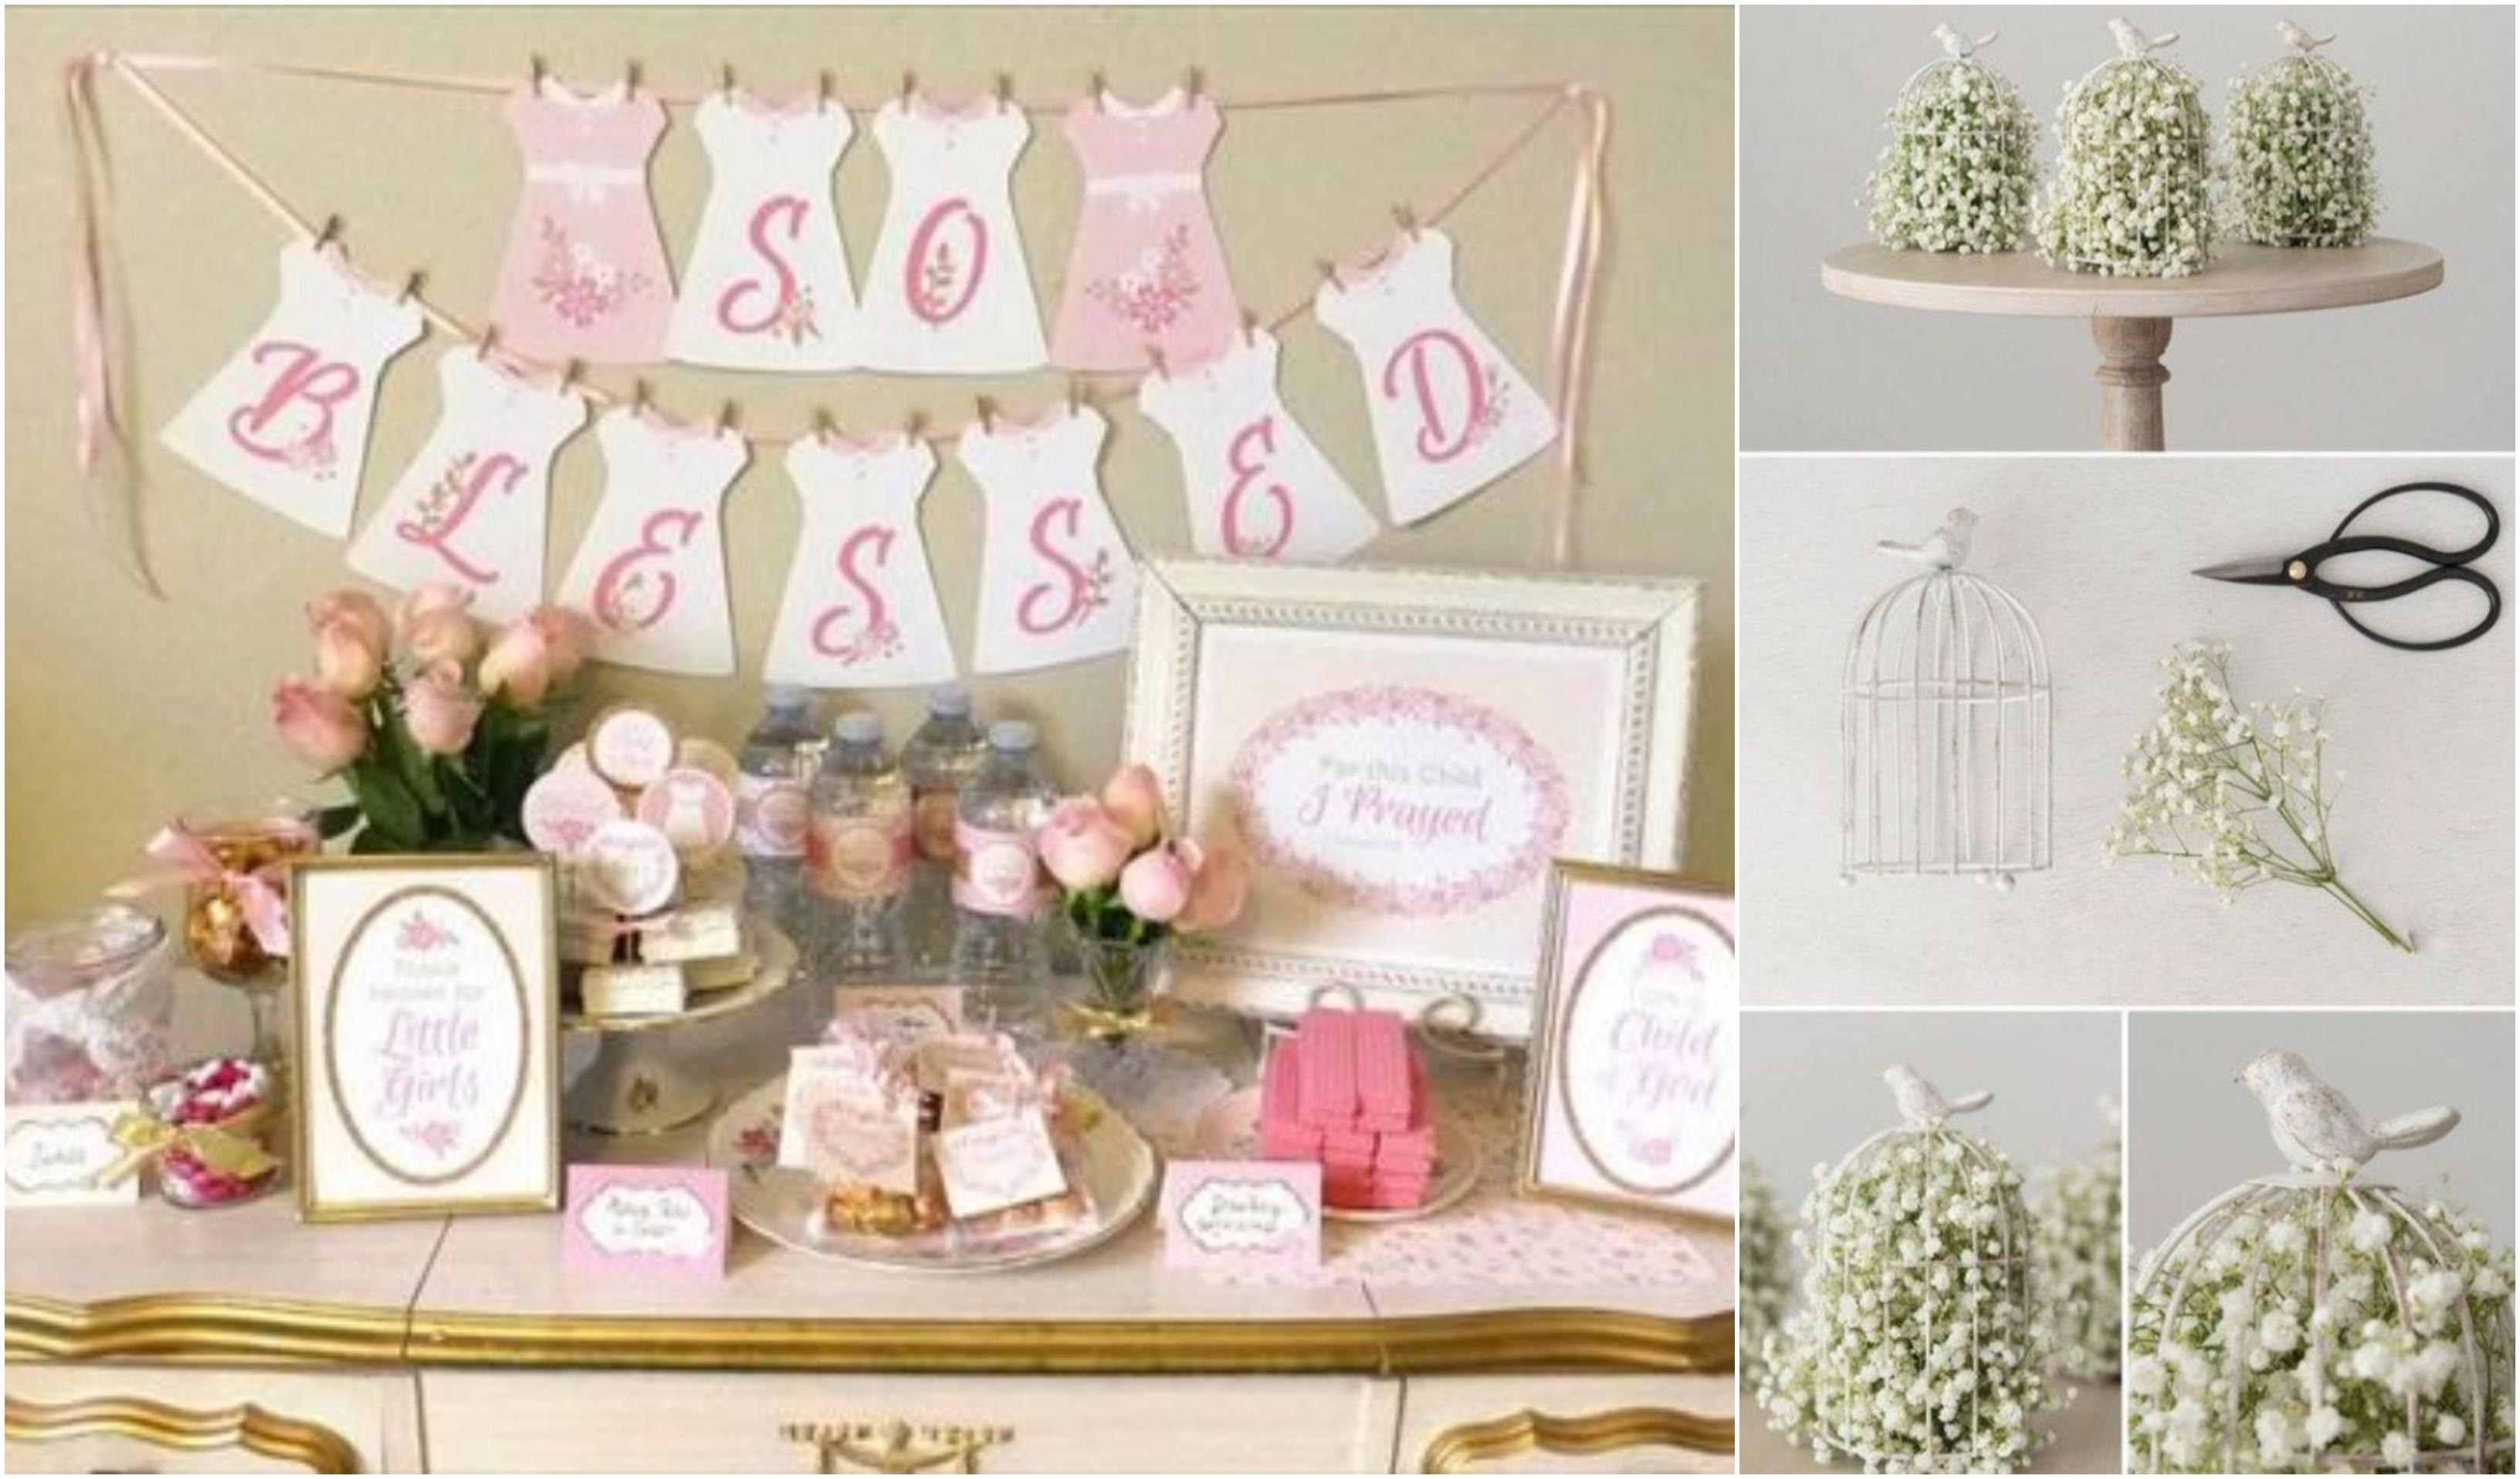 tischdeko taufe ideen, weiß und rosa, mädchenparty motiv taufe, rosa aufschrift